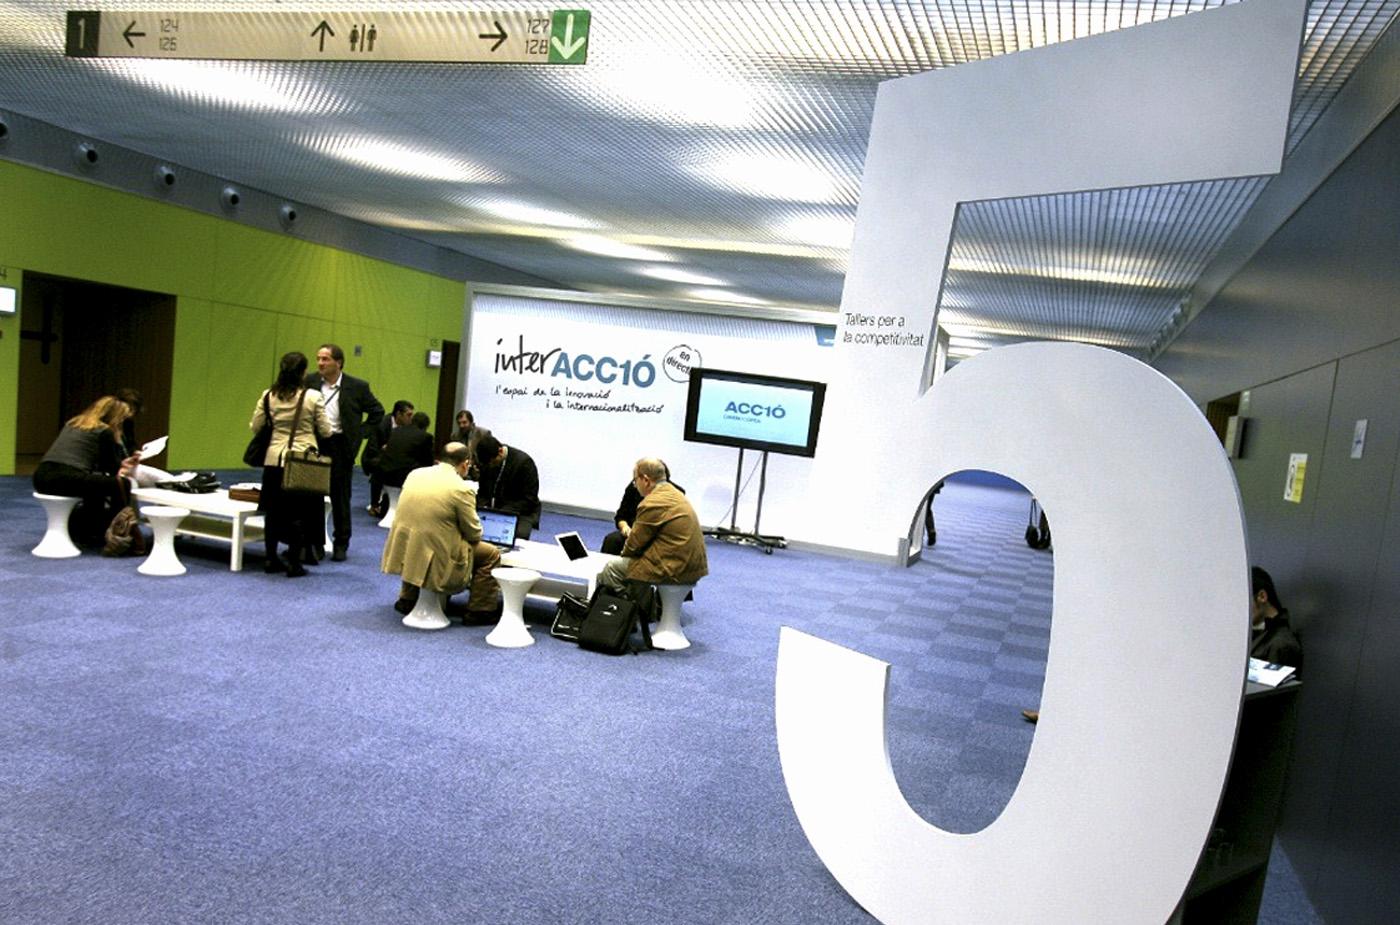 13-ACC10-interaccio-creartiva-stand-espai-evemnto-feria-expo